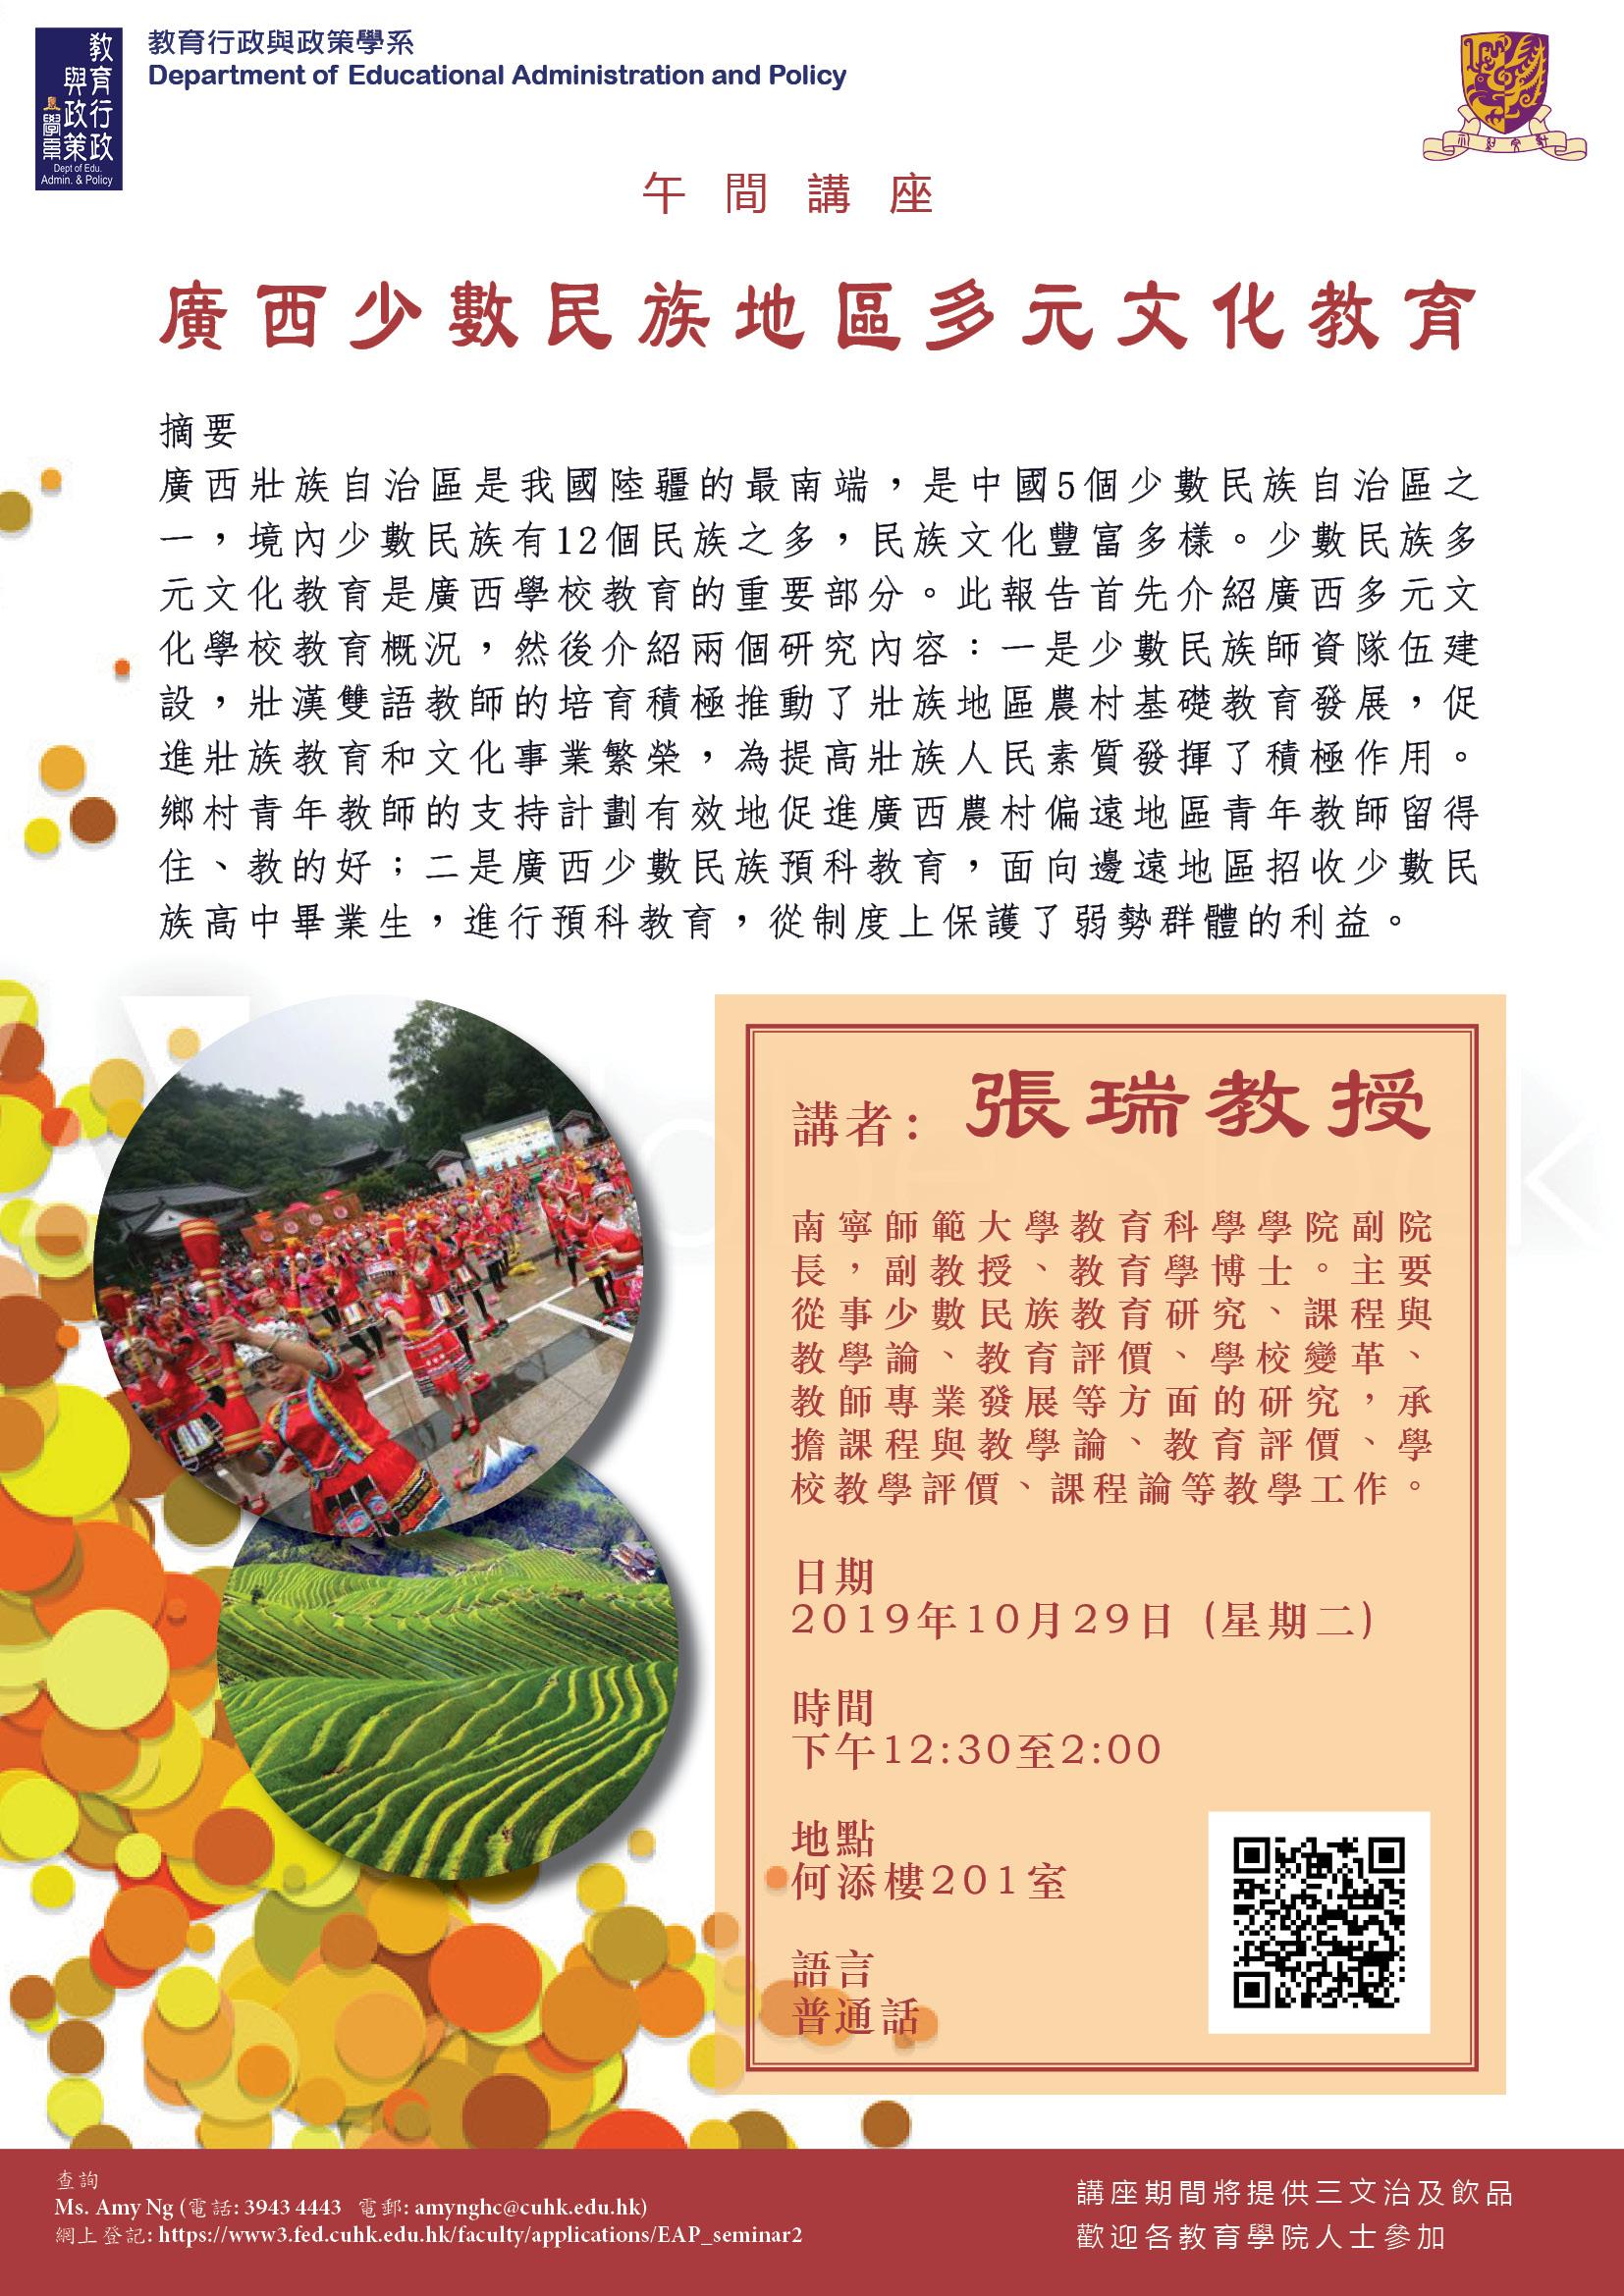 廣西少數民族地區多元文化教育